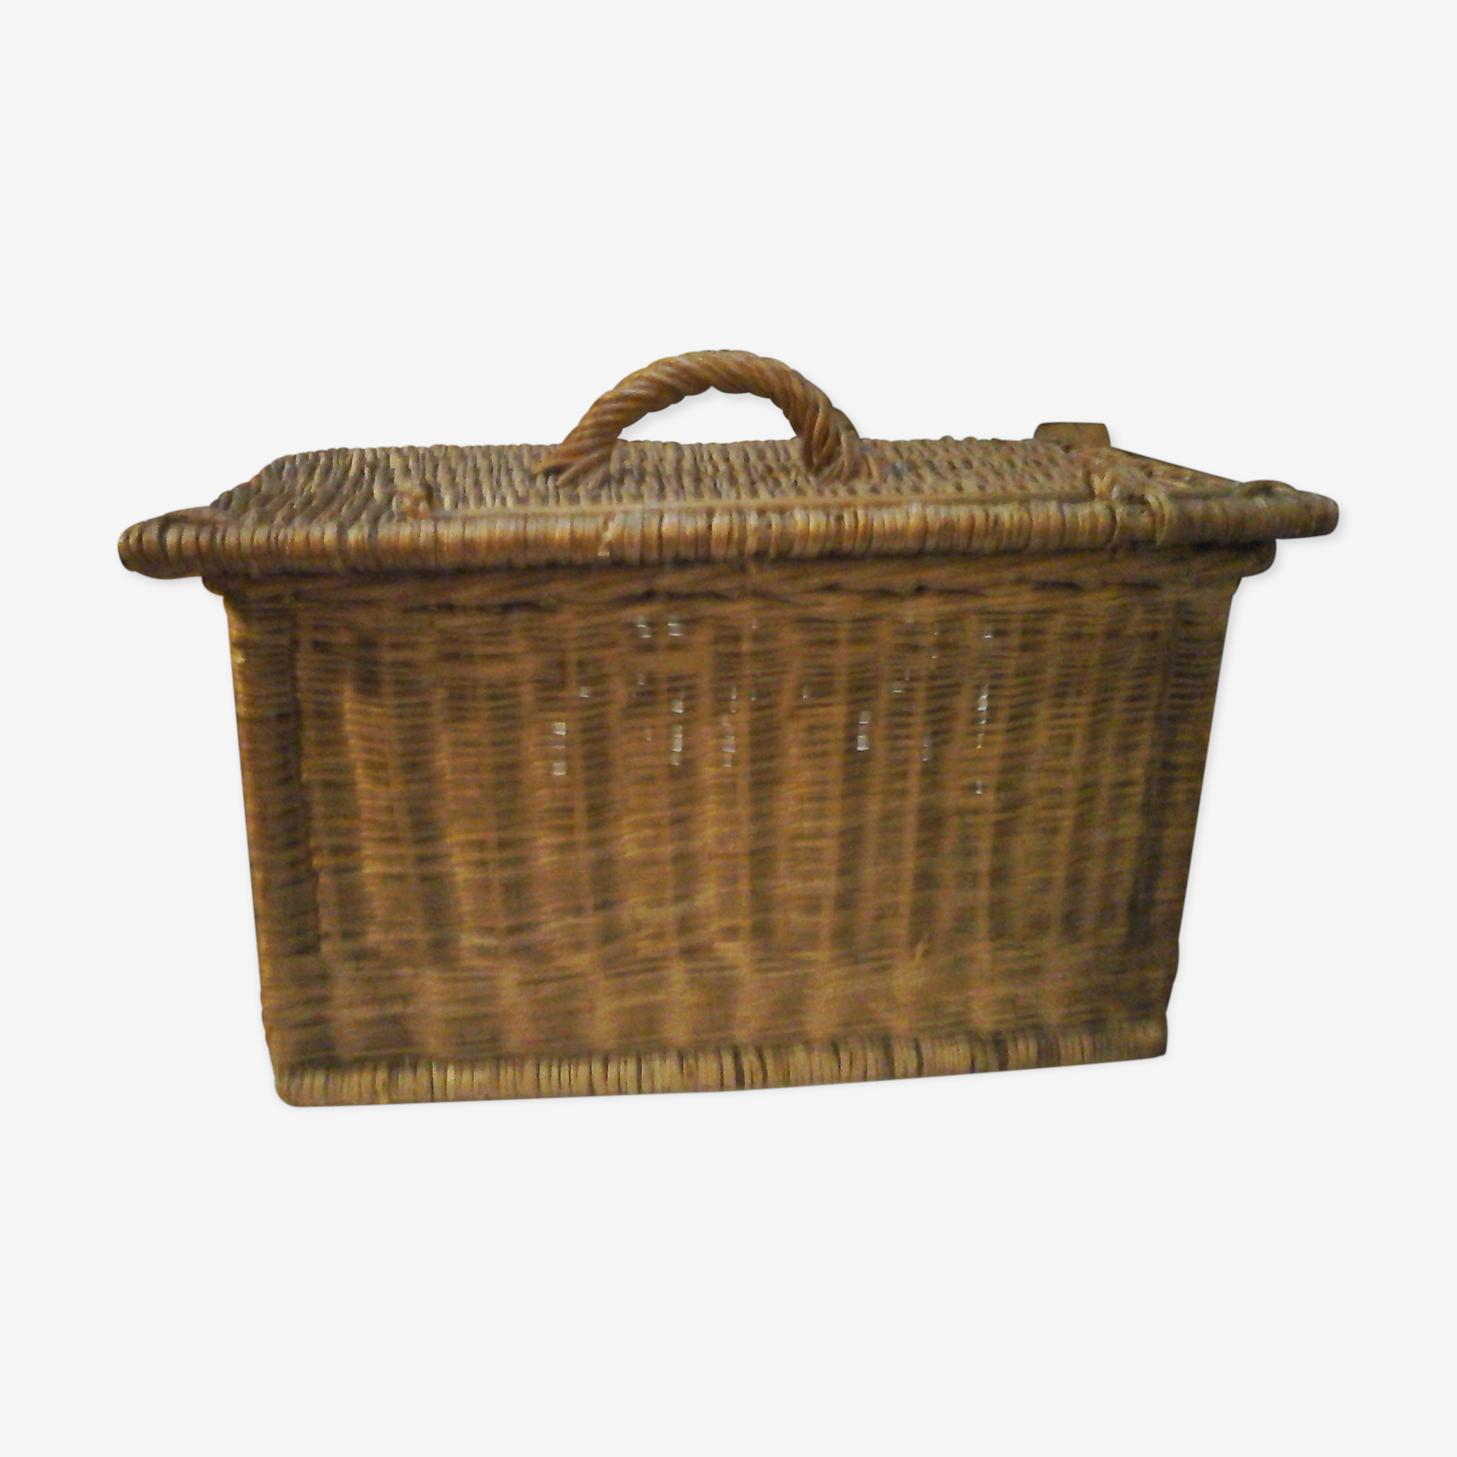 Rattan wicker basket